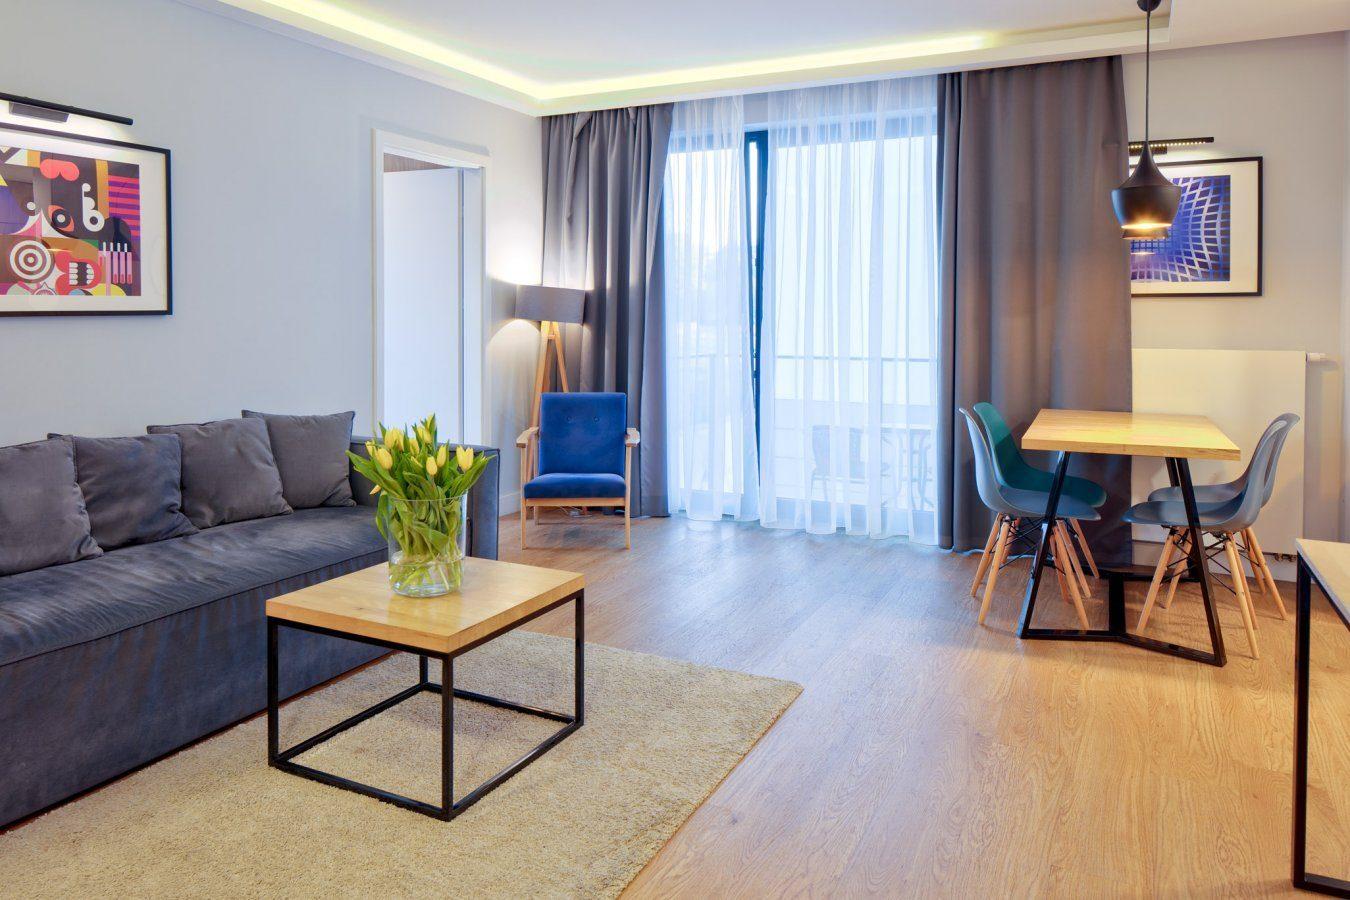 mielenko-hotel-baltin-fot-piotr-krajewski-1-jpg-lq_109_W_3K2A2326